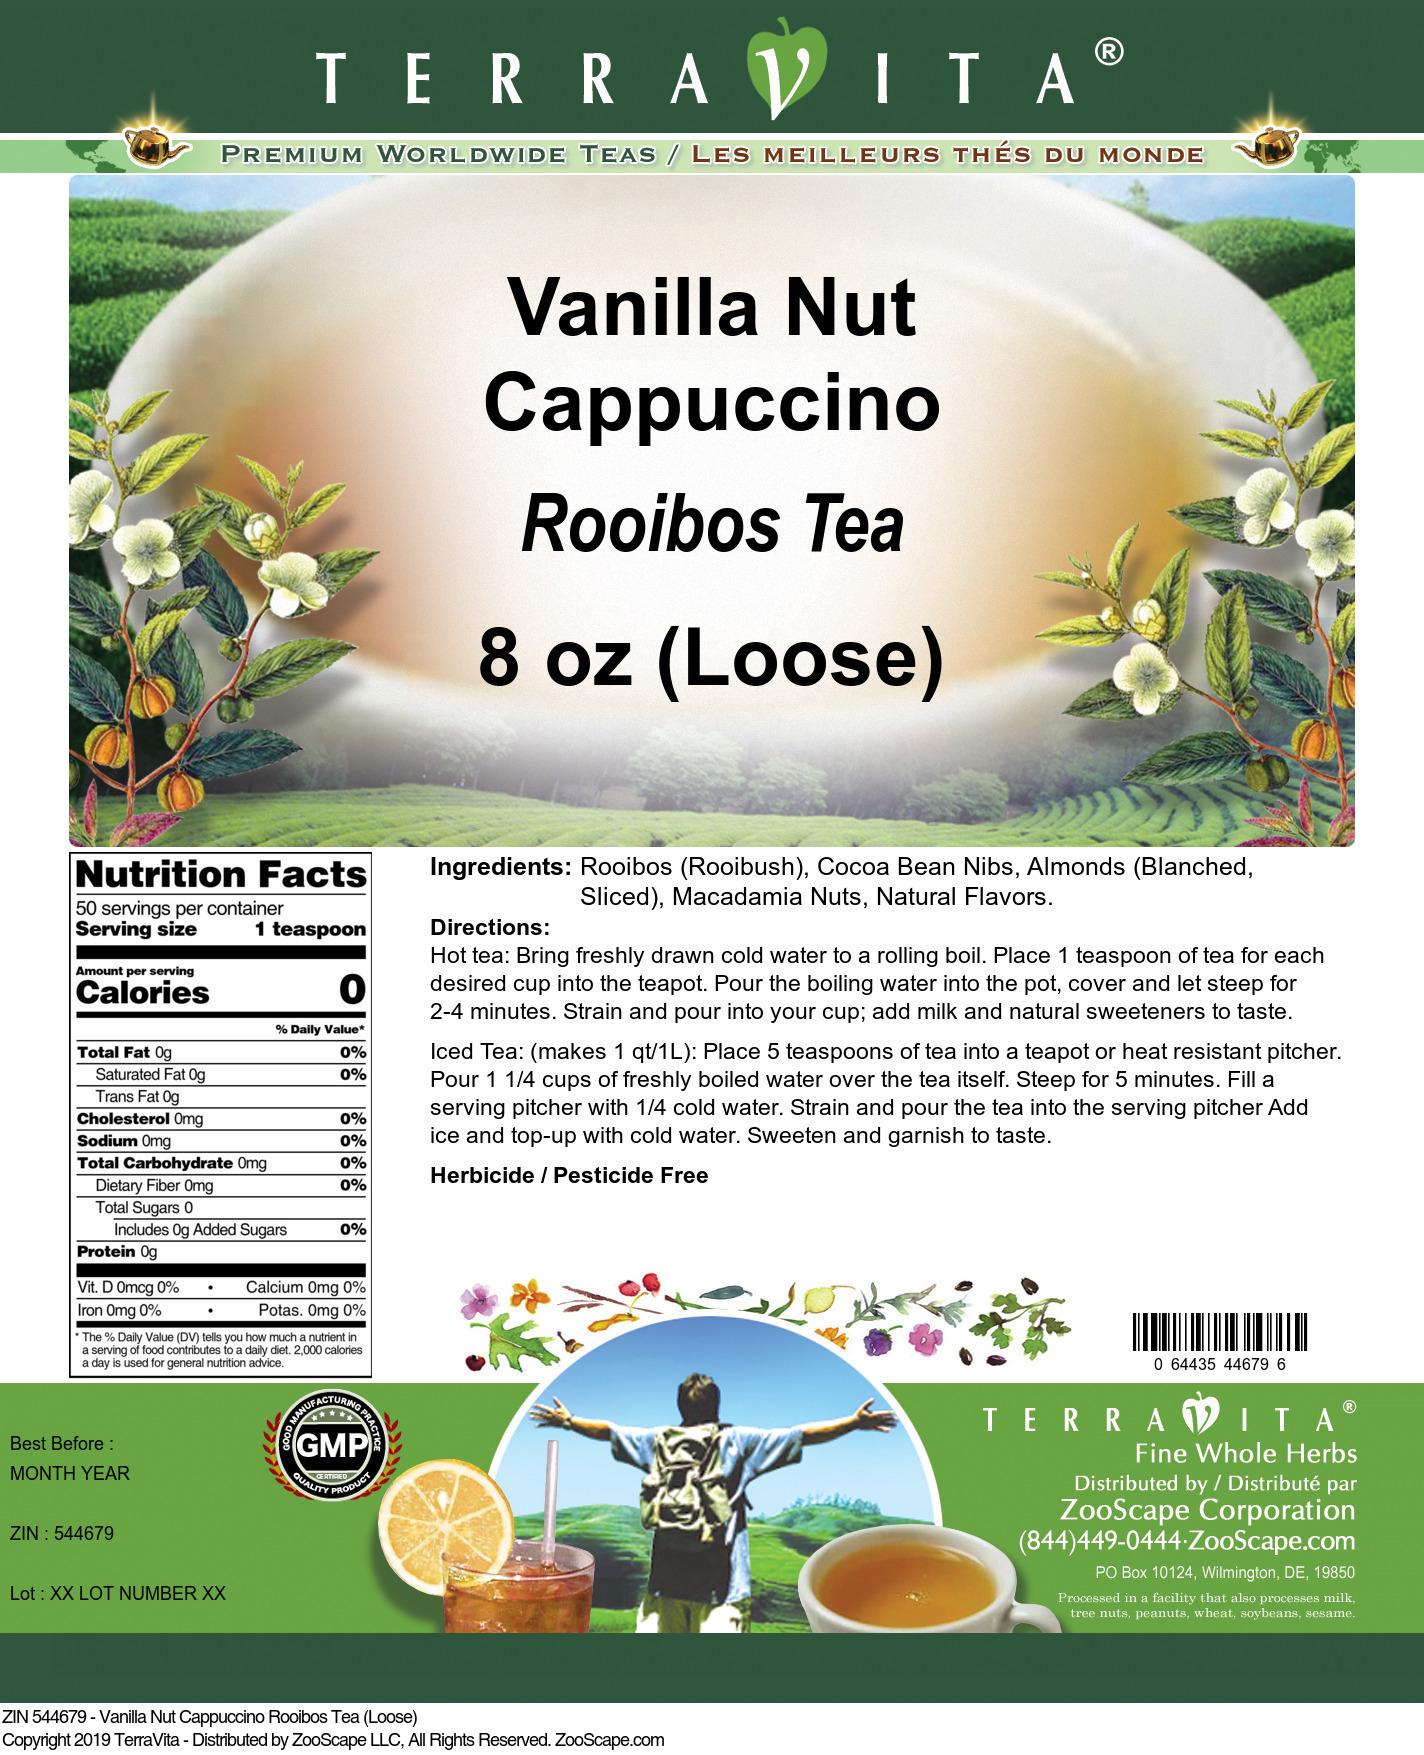 Vanilla Nut Cappuccino Rooibos Tea (Loose)